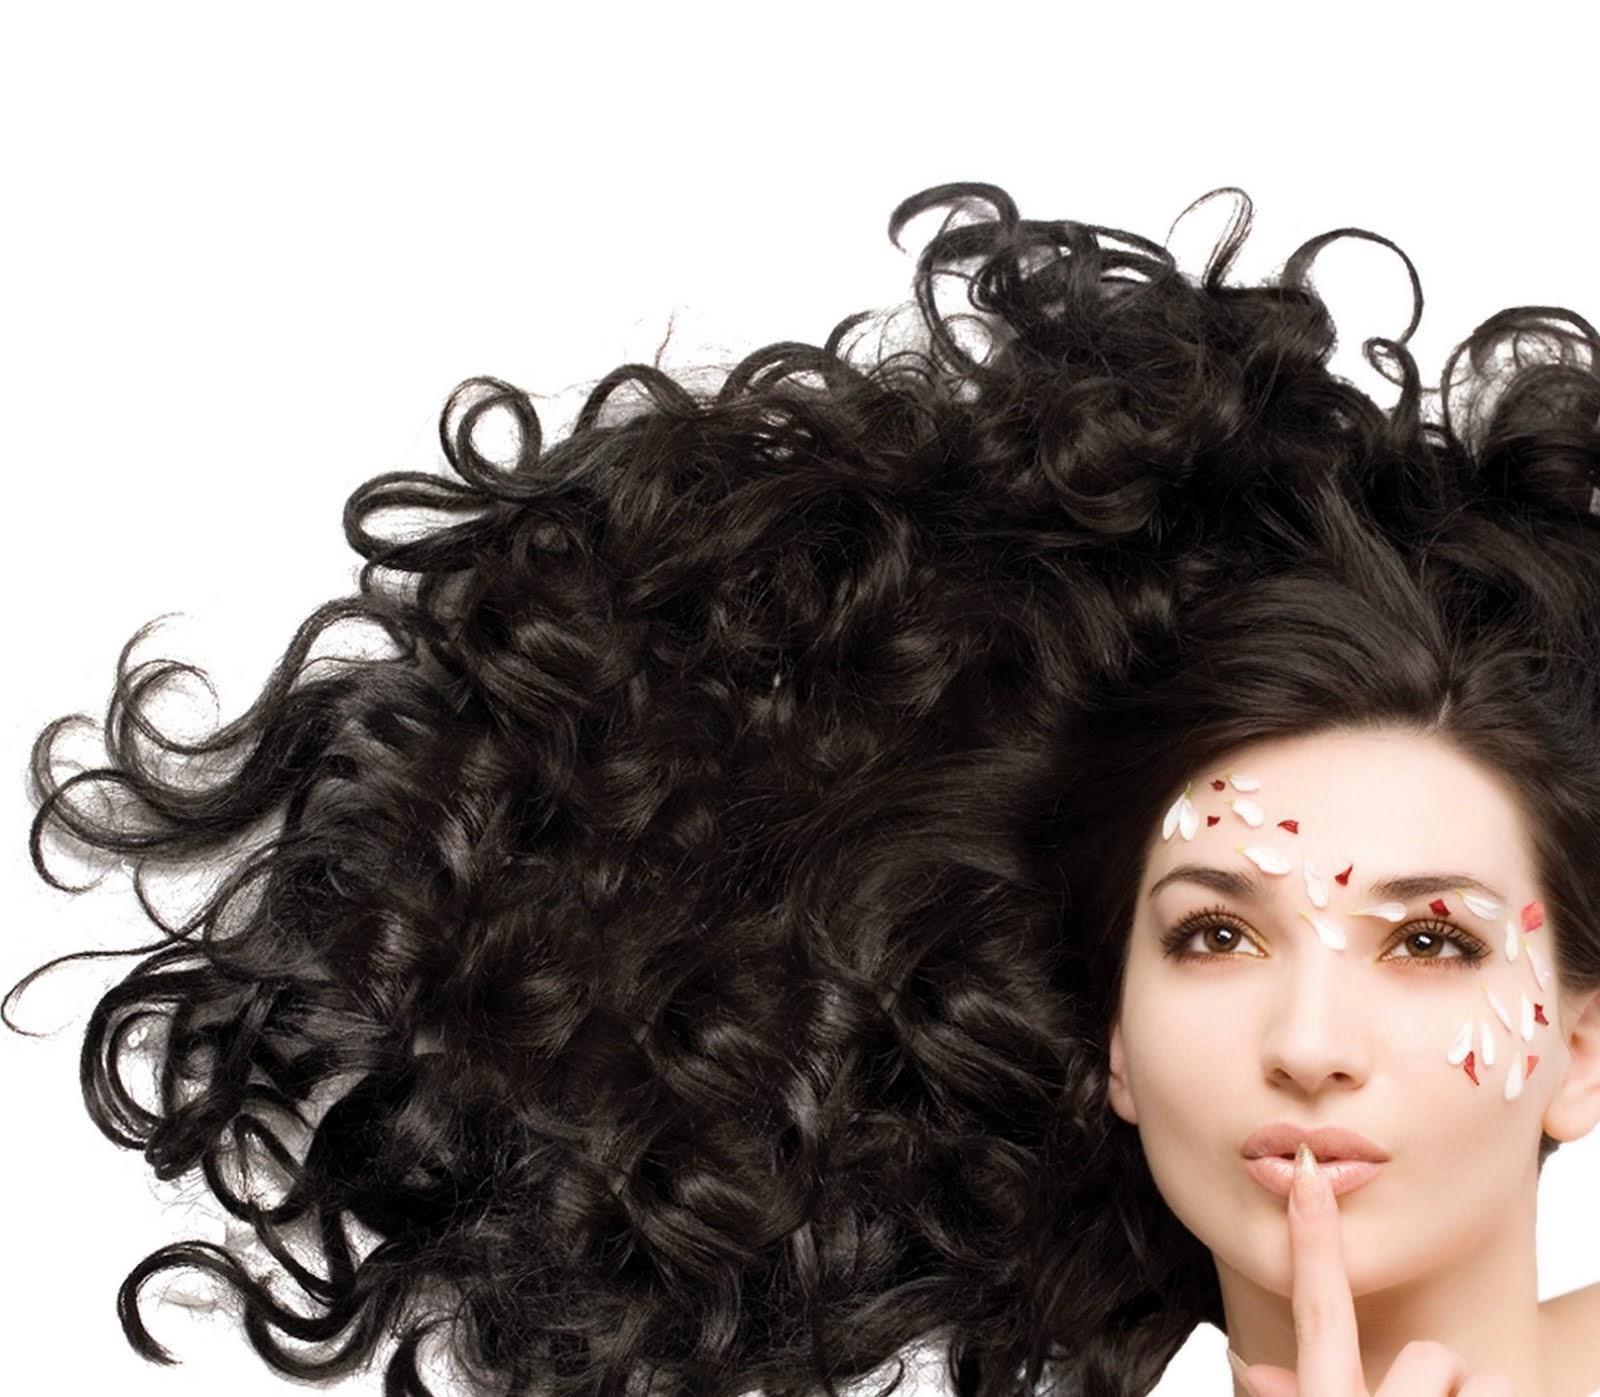 Image result for rawatan rambut gdan kelemumur shaklee